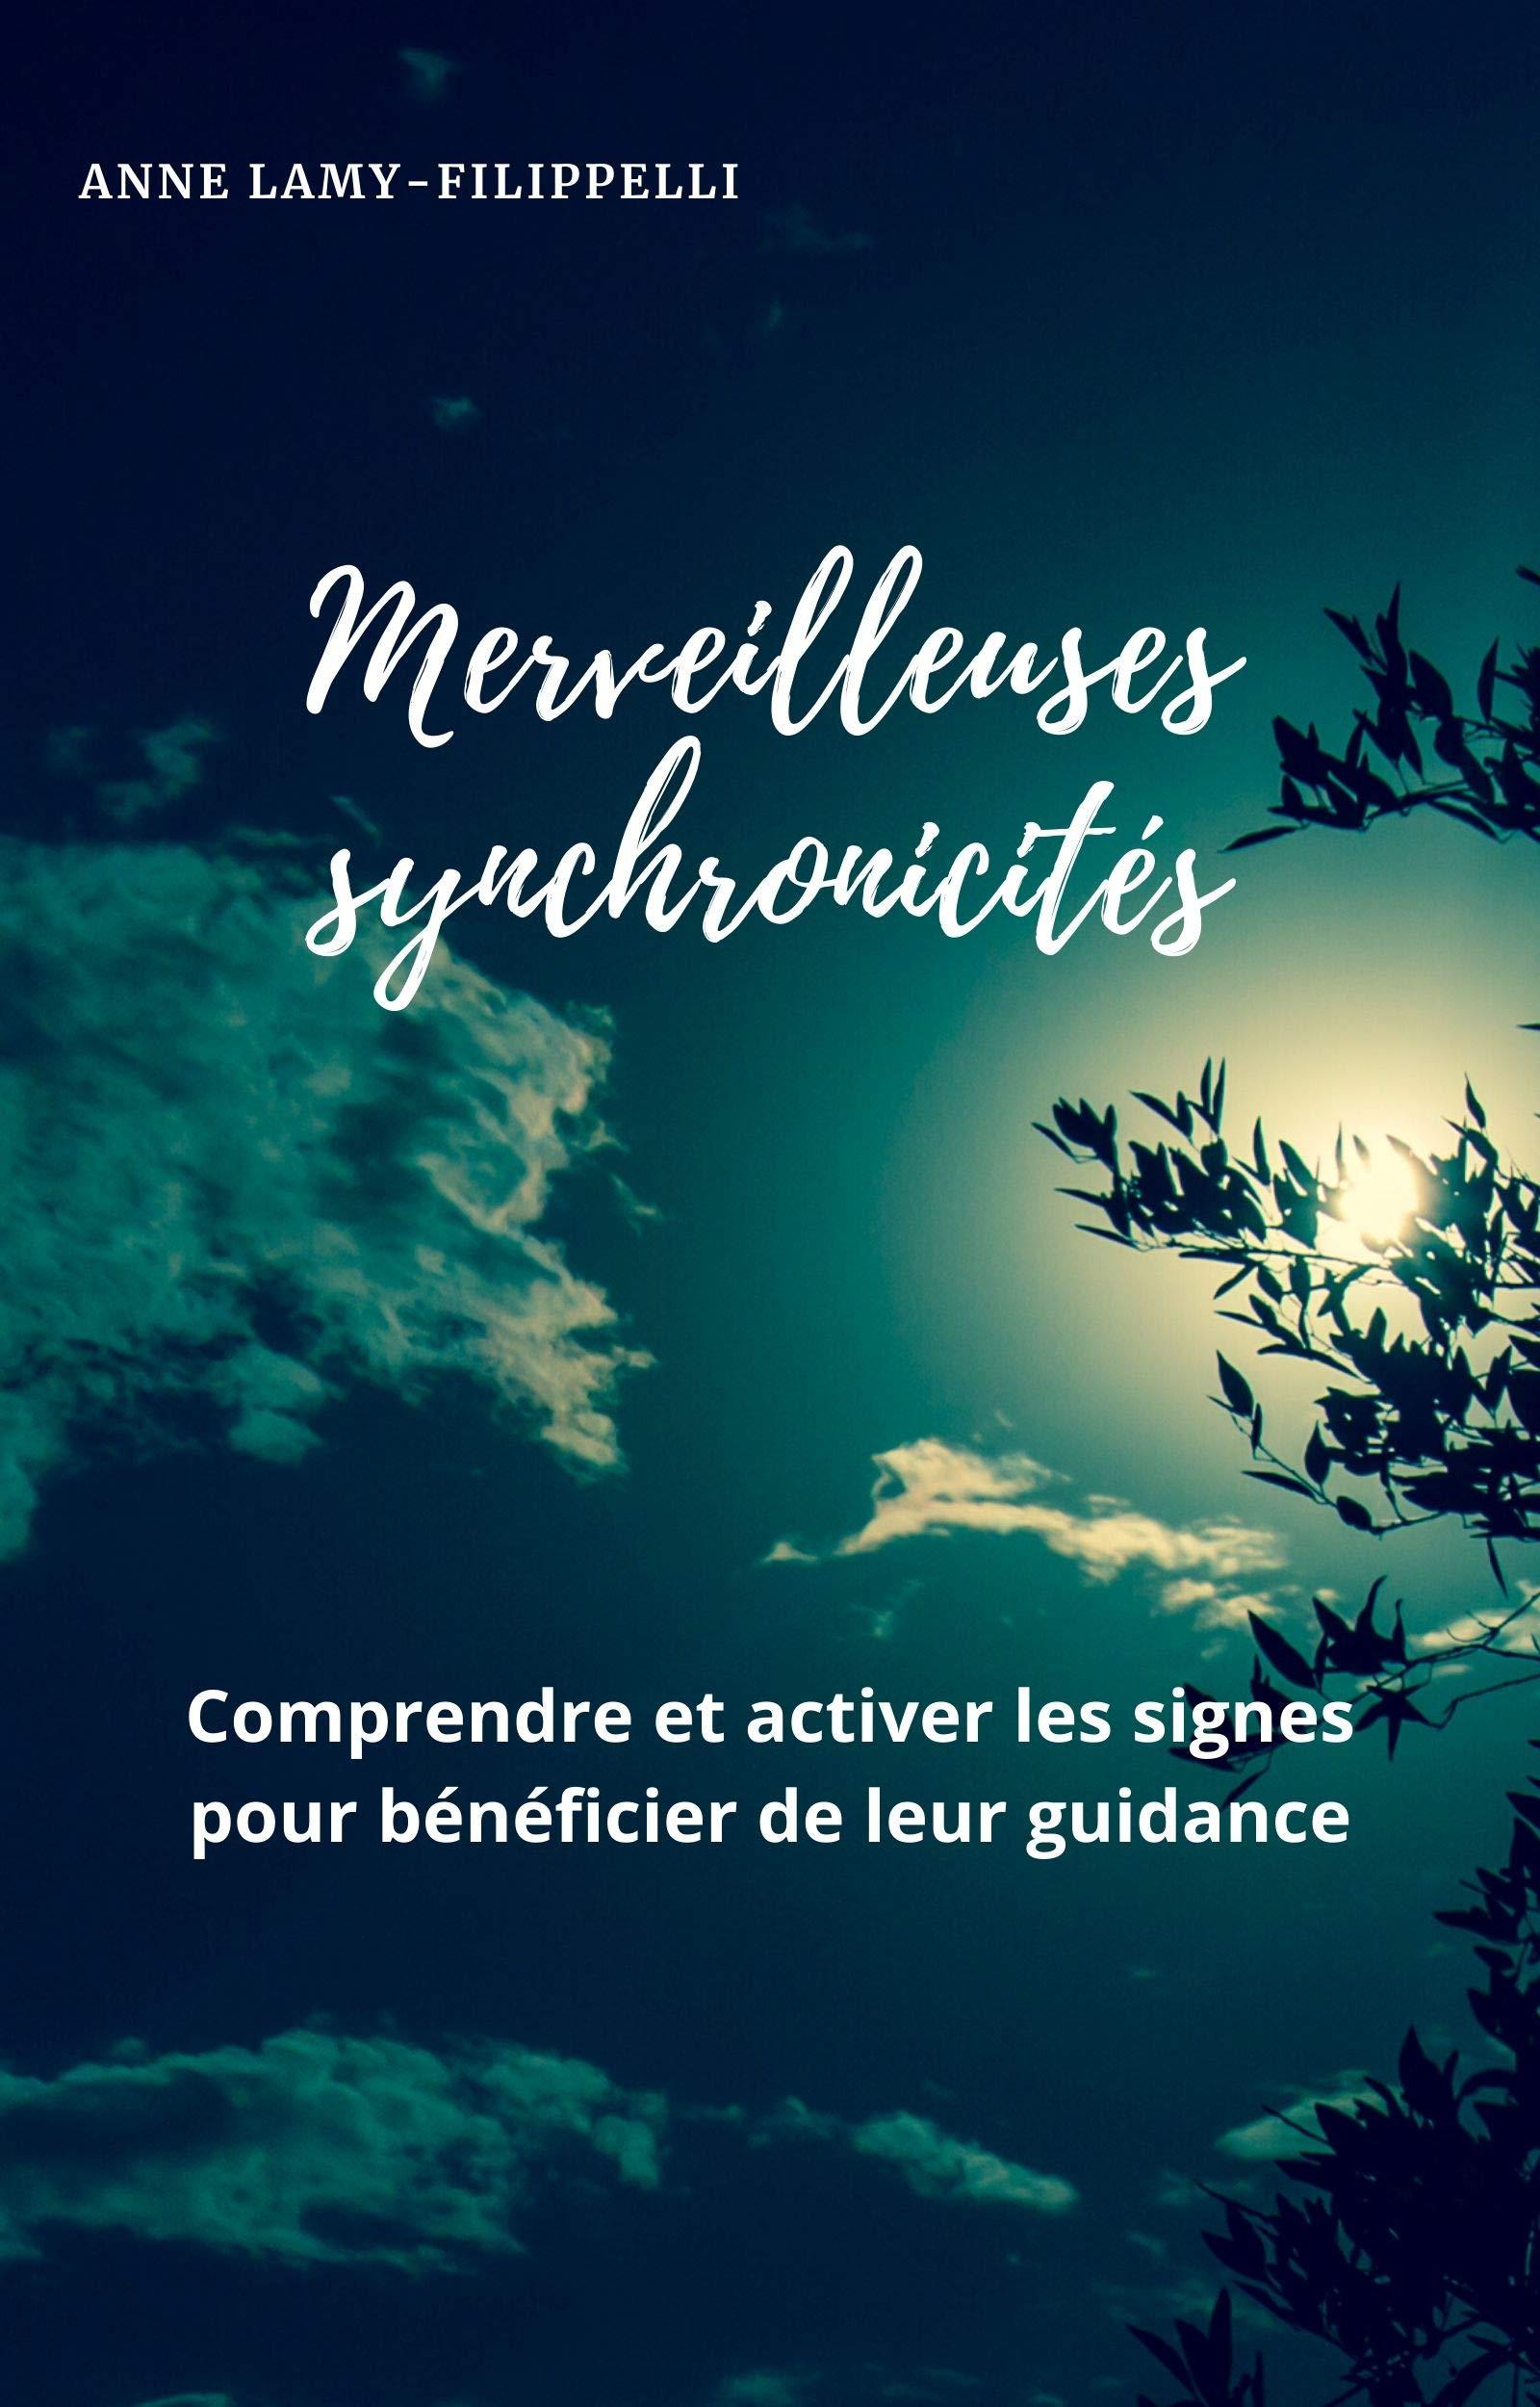 Merveilleuses synchronicités: Comprendre et activer les signes pour bénéficier de leur guidance par Anne Lamy-Filippelli